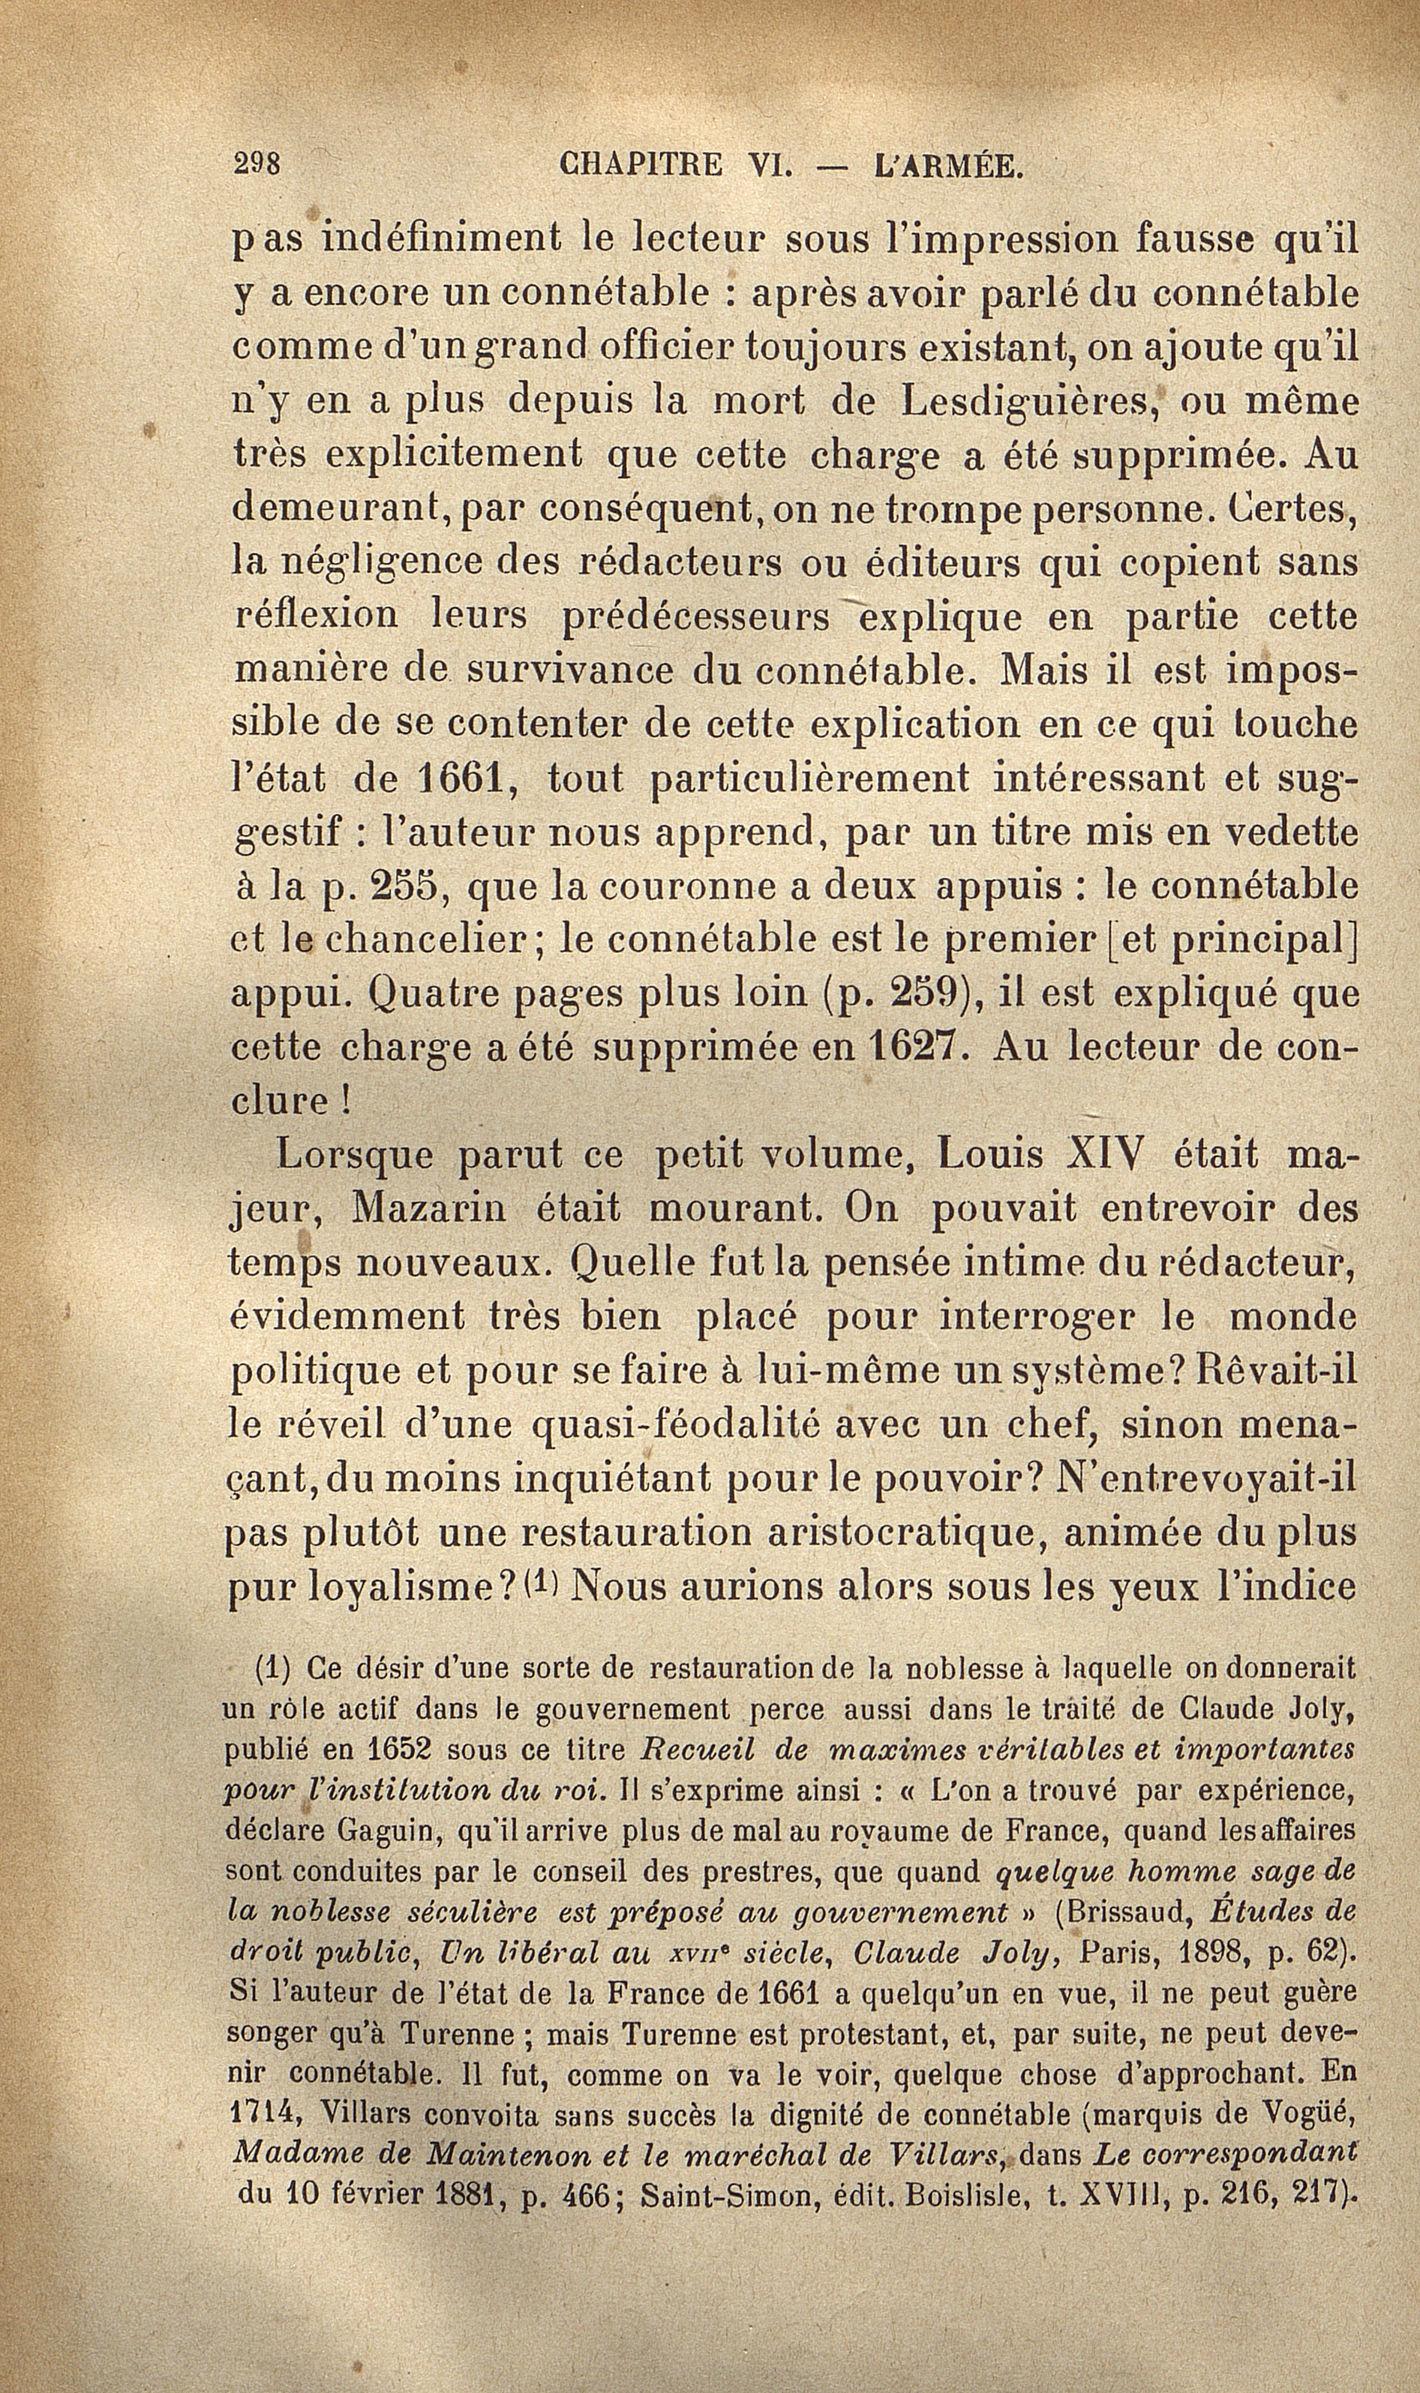 http://expo-paulviollet.univ-paris1.fr/wp-content/uploads/2016/02/0605381272_0312.jpg